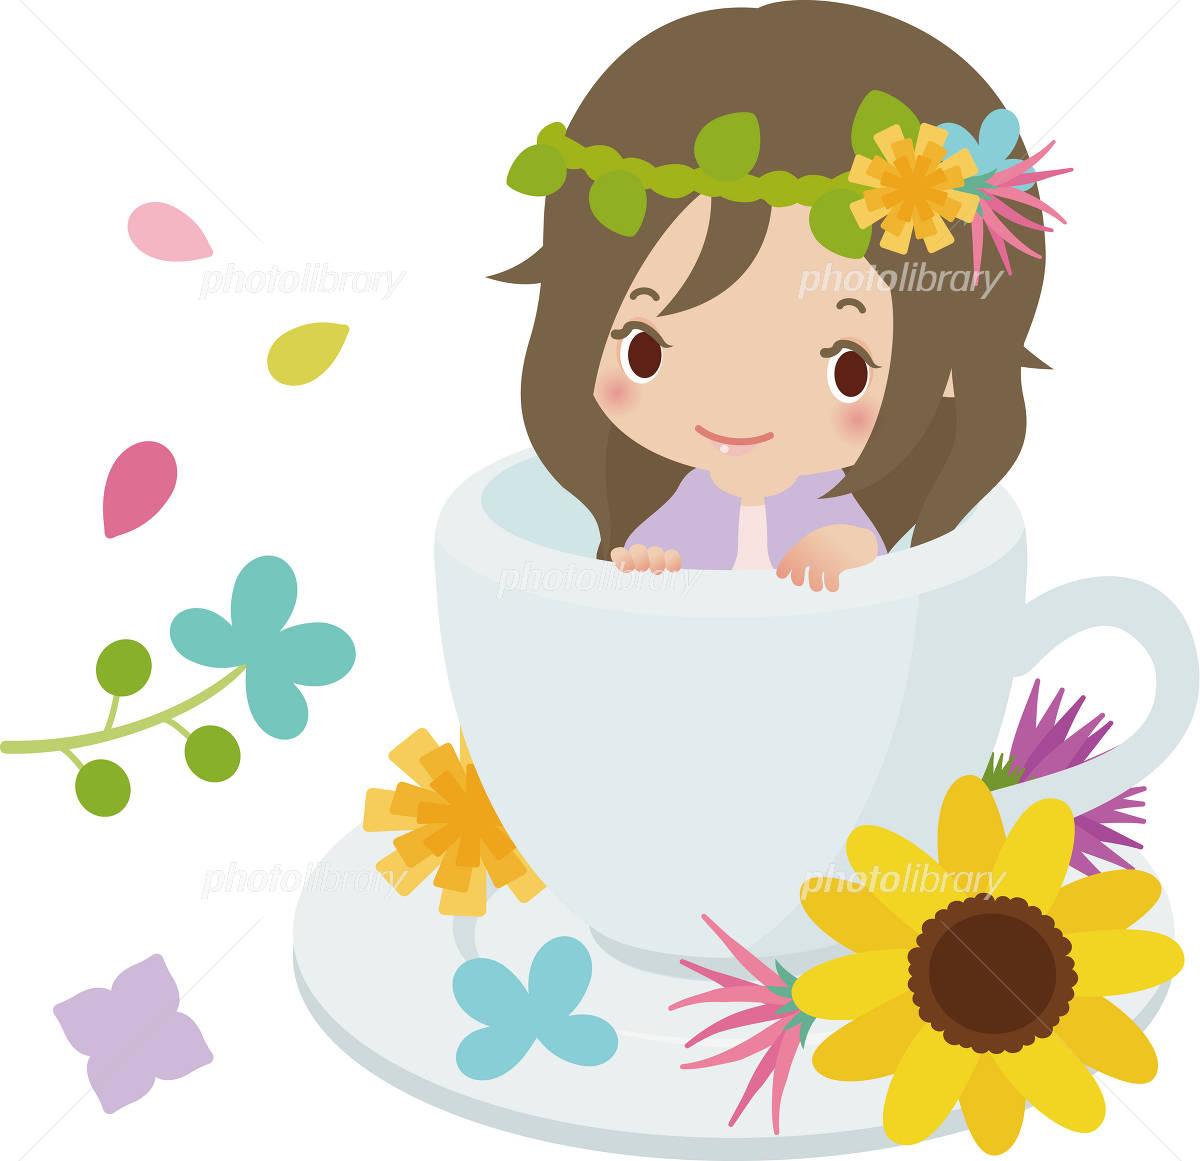 珈琲カップの中の女の子 イラスト素材 2508732 フォトライブラリー